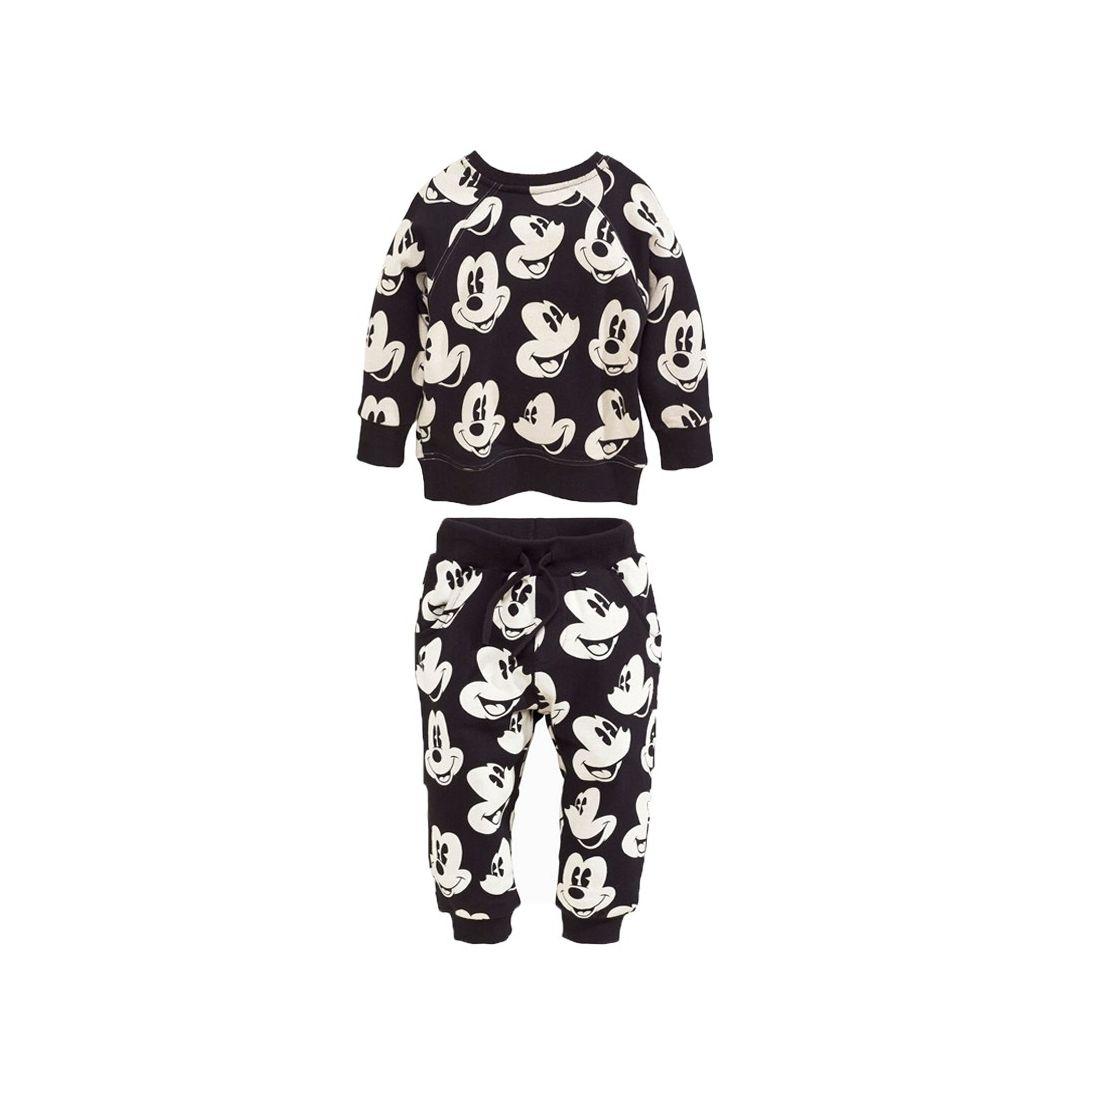 0536f0c20be7 Dárky od Nikolky - Dětské oblečení - skladem - Mickey Mouse ...